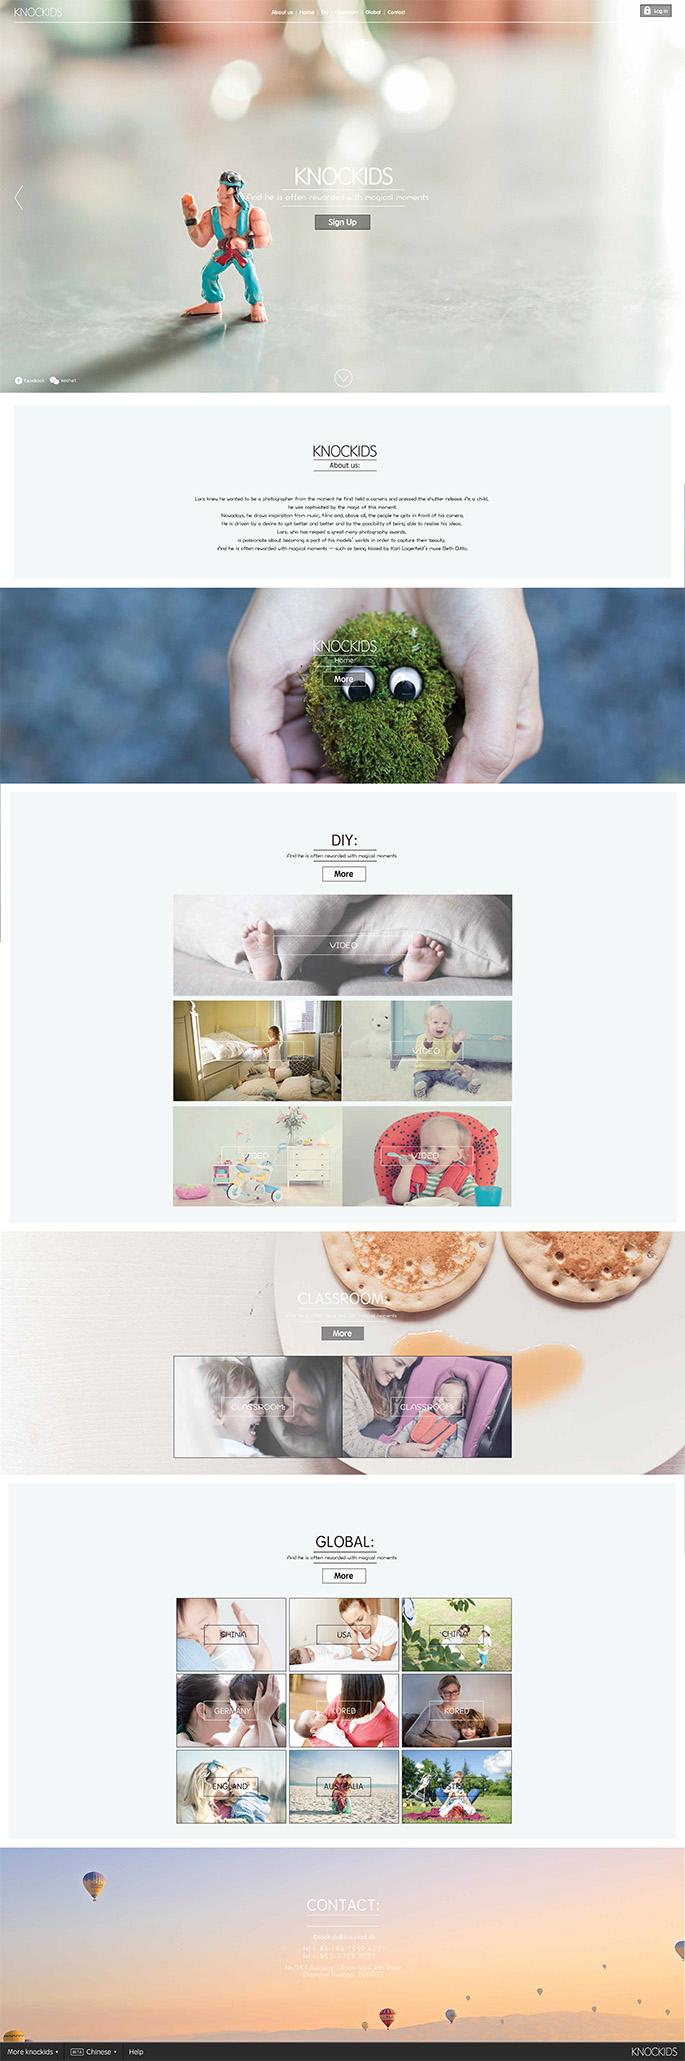 母婴网站排版设计